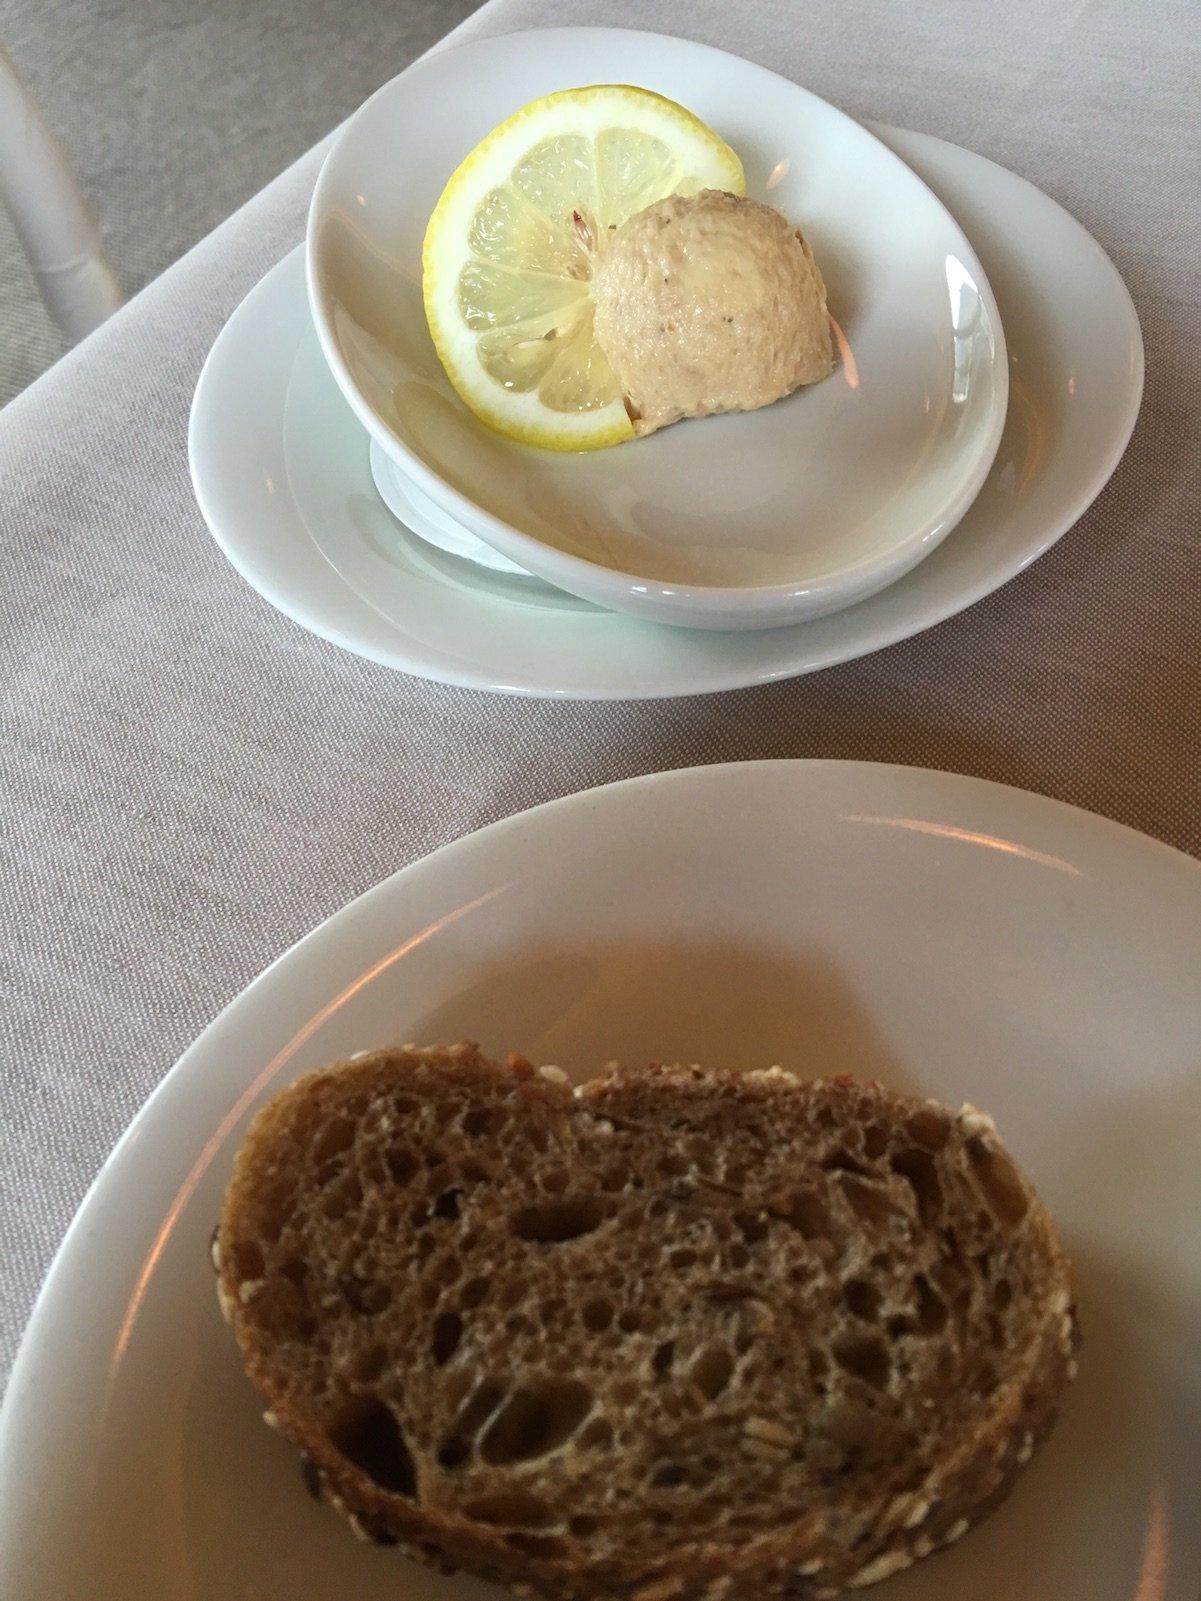 Thunfischbutter und Brot vorneweg